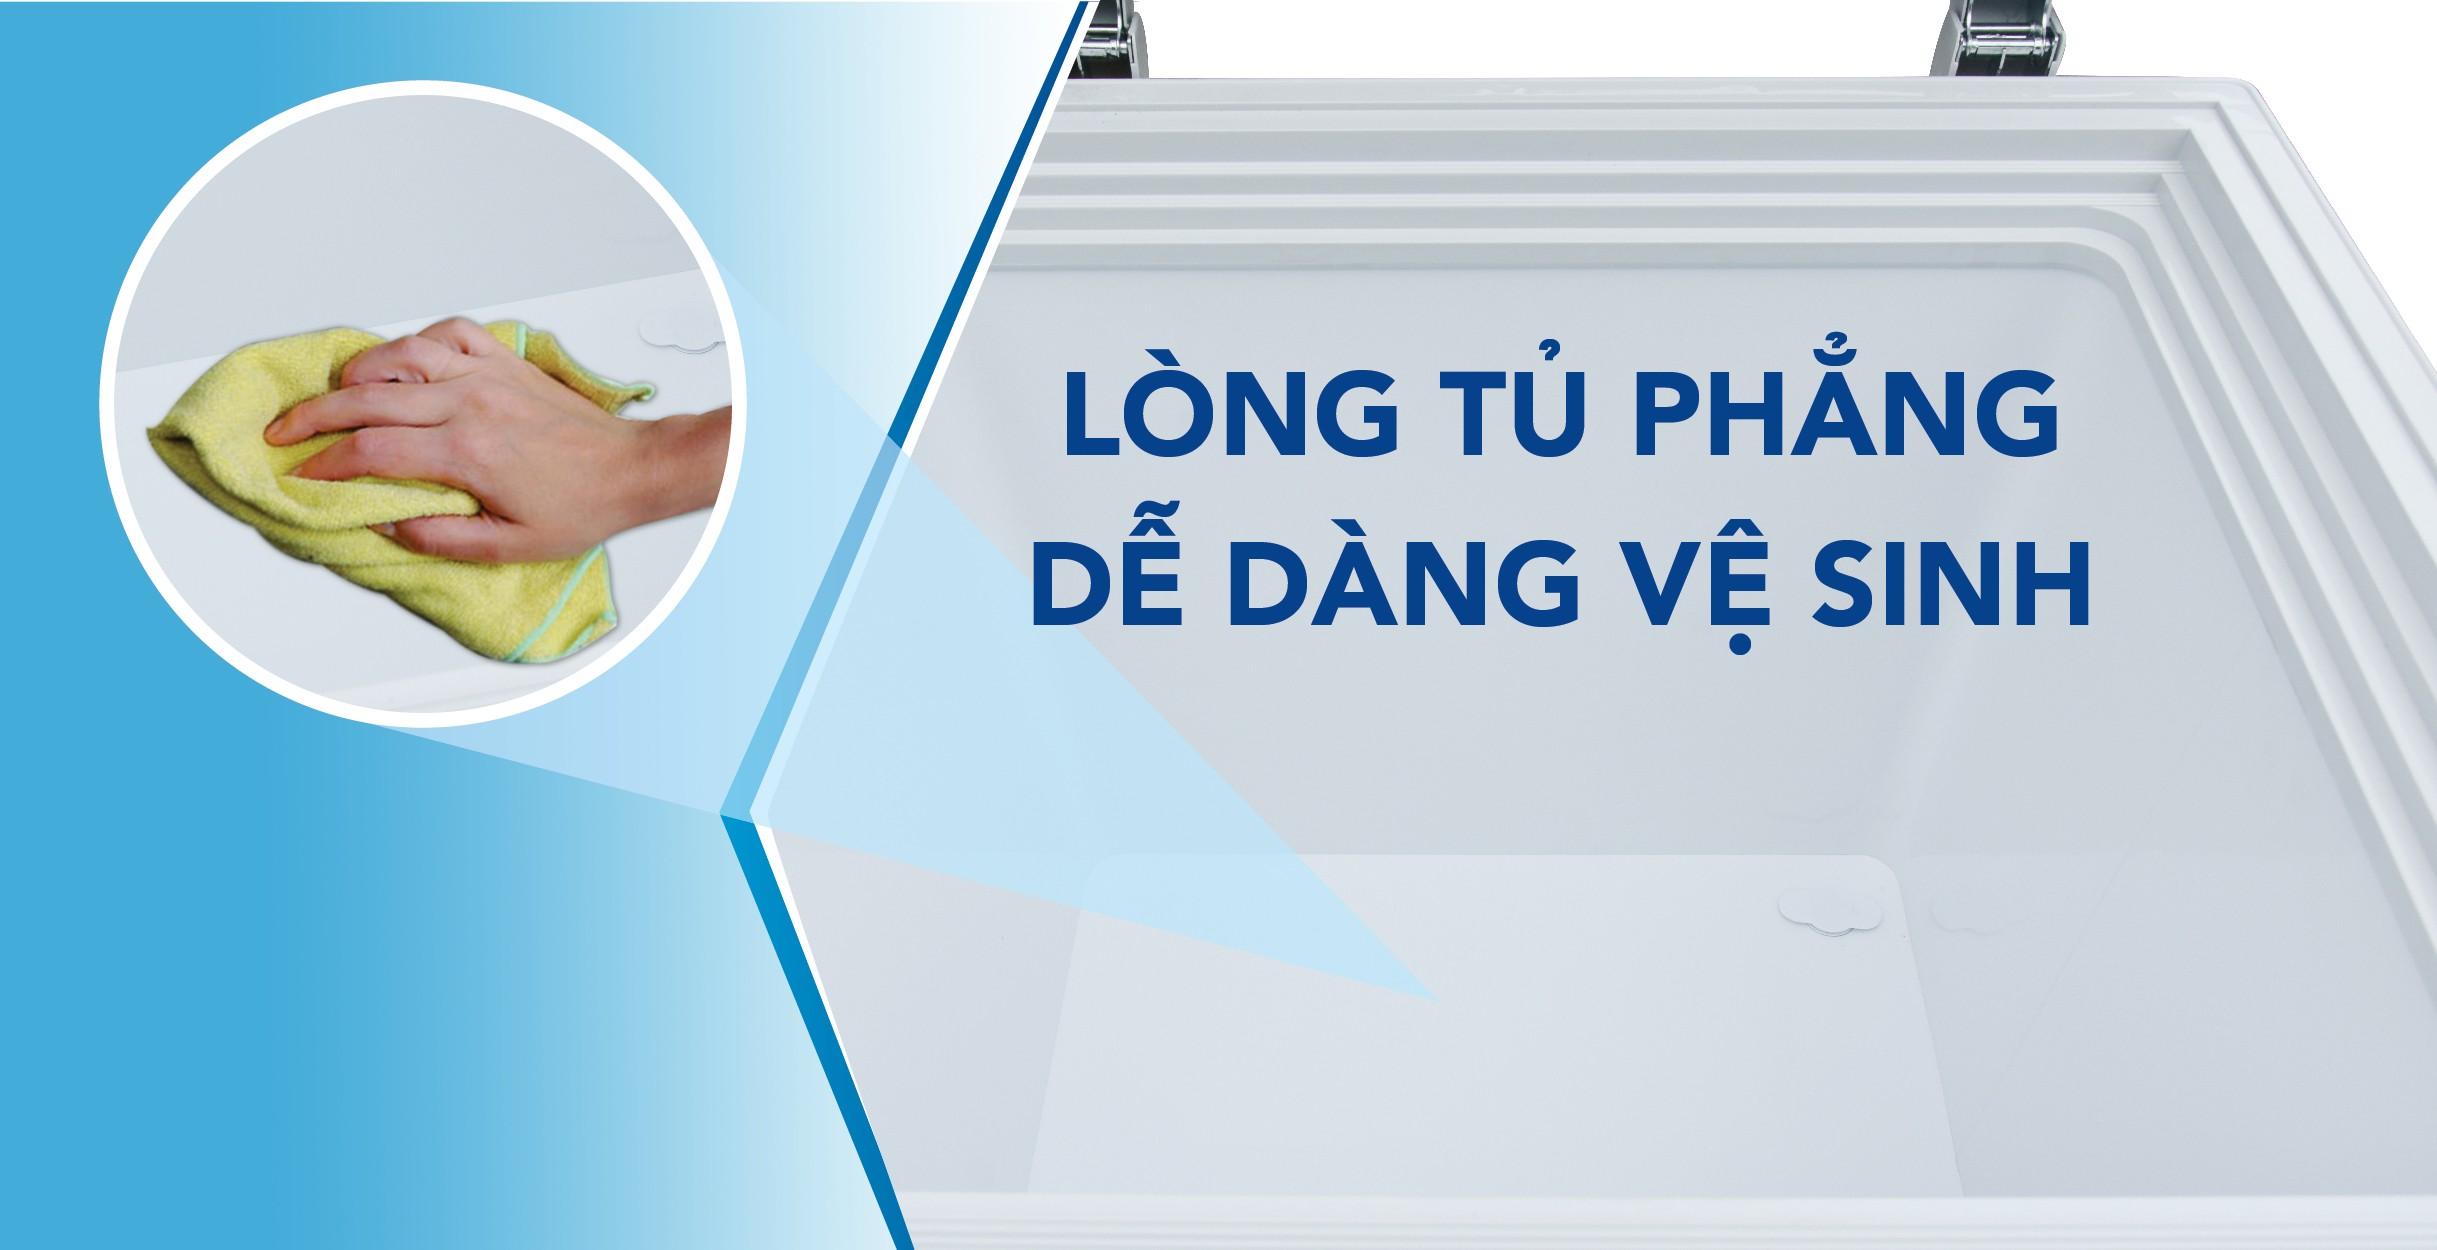 Nên vệ sinh tủ đông 500l thường xuyên để tăng khả năng làm lạnh và độ bền